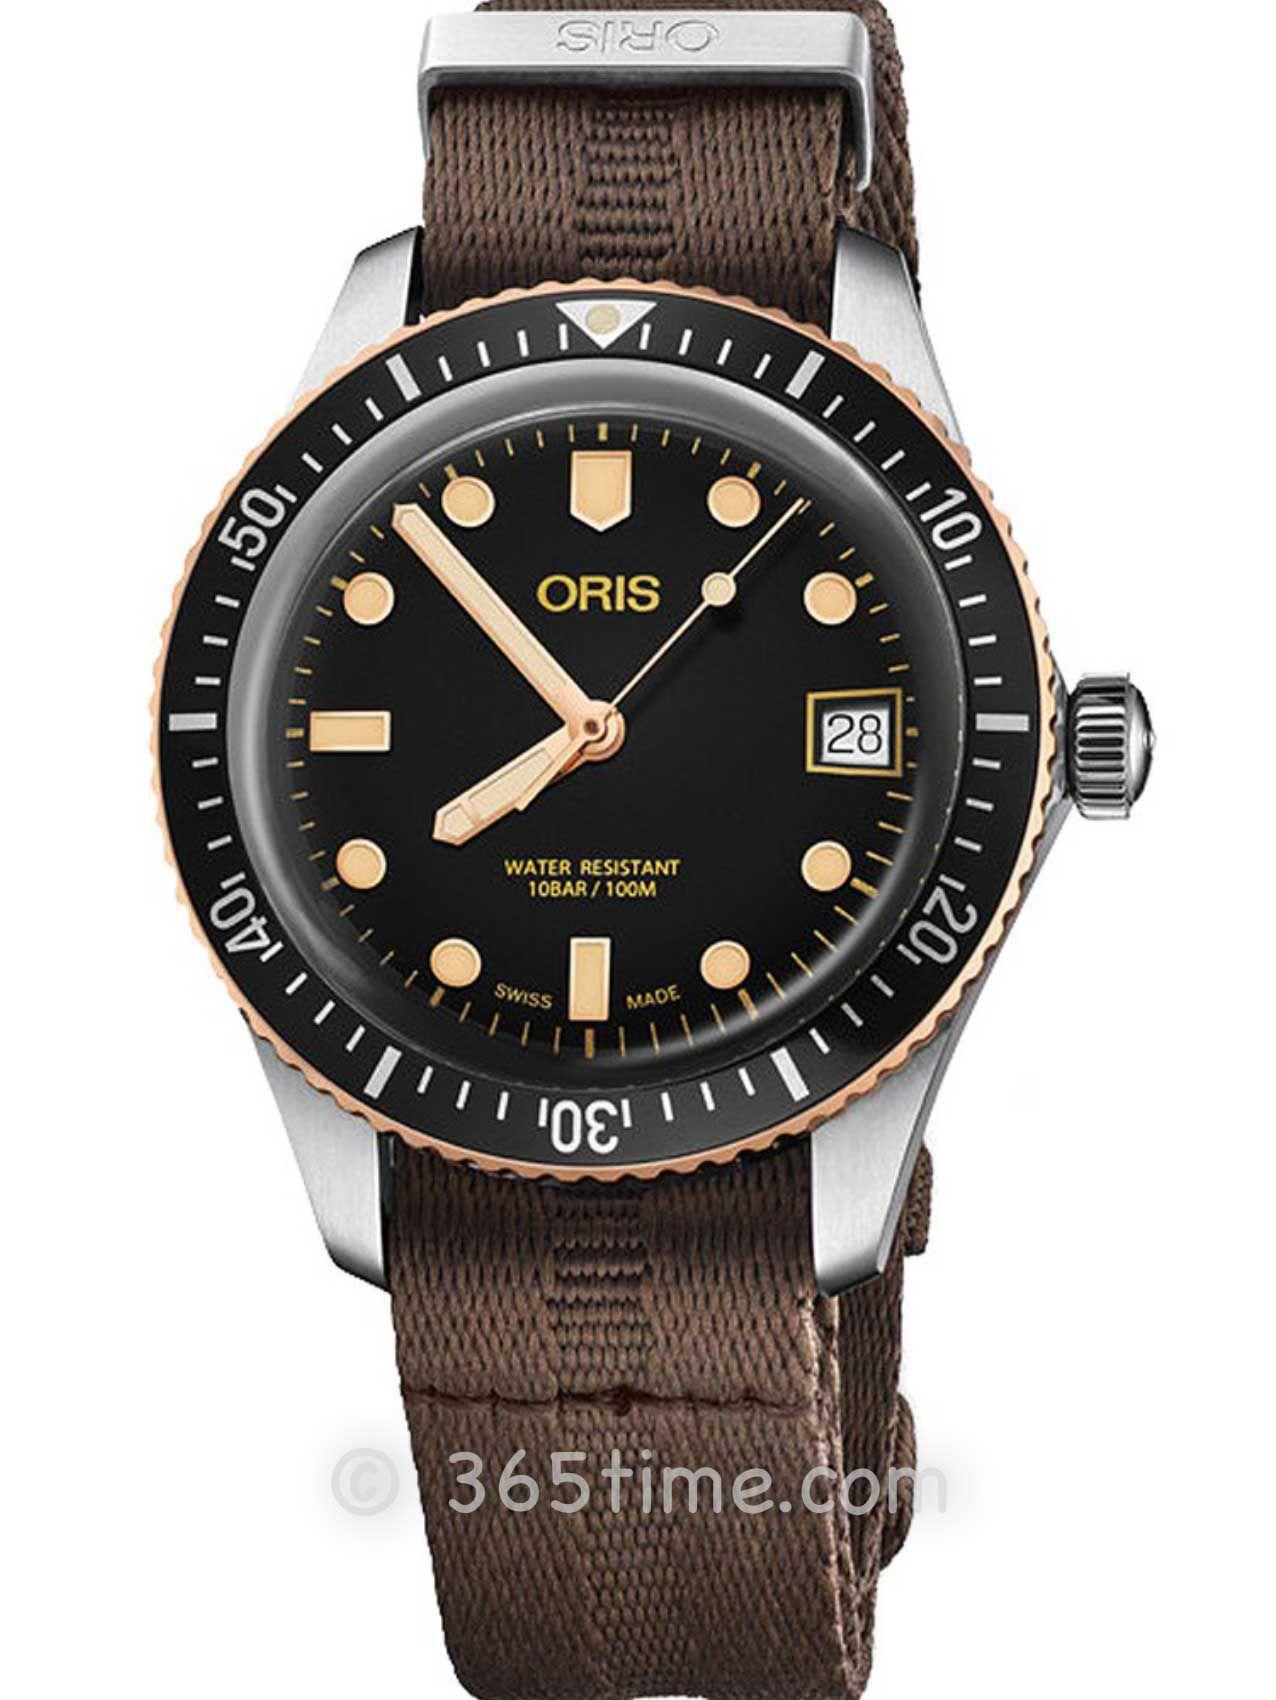 Oris豪利时潜水系列65年复刻版潜水腕表01 733 7747 4354-07 5 17 30